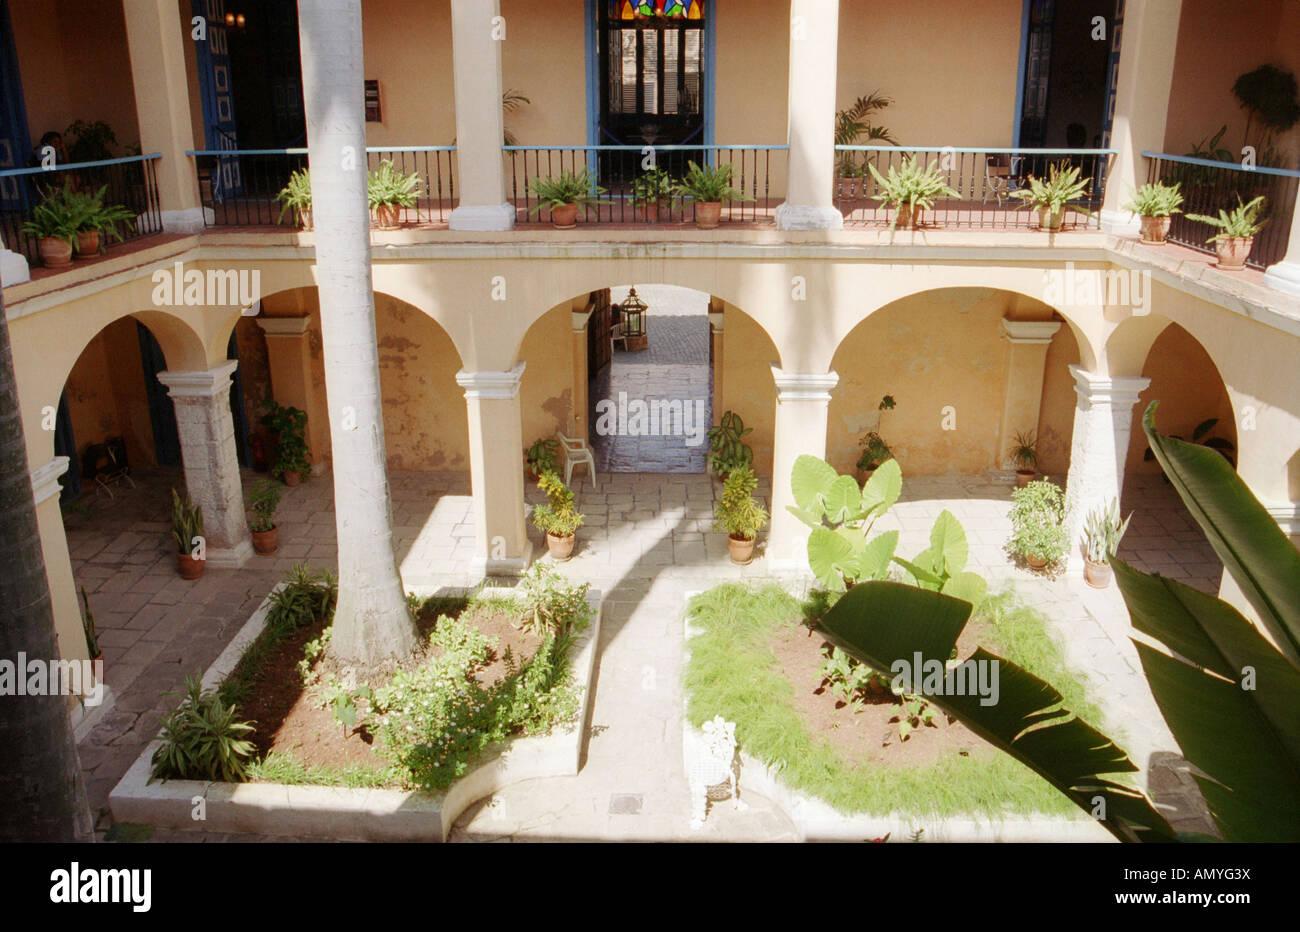 Spanischer Innenhof innenhof des alten spanischen haus in havanna kuba stockfoto bild